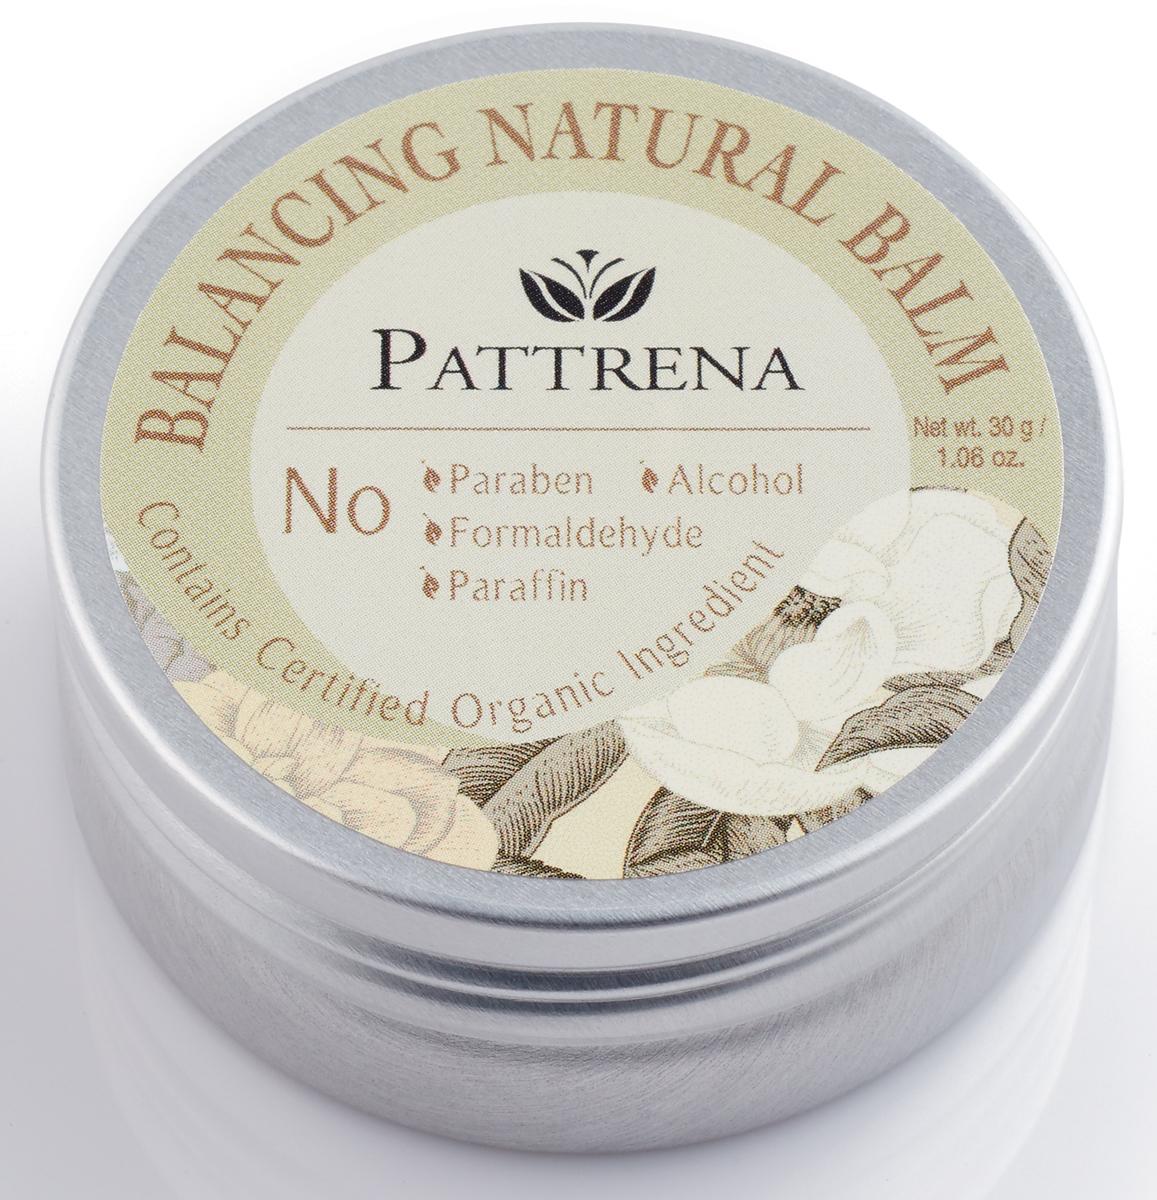 Pattrena Бальзам натуральный Балансирующий, 30 г pattrena ароматный крем для тела роза 250 г